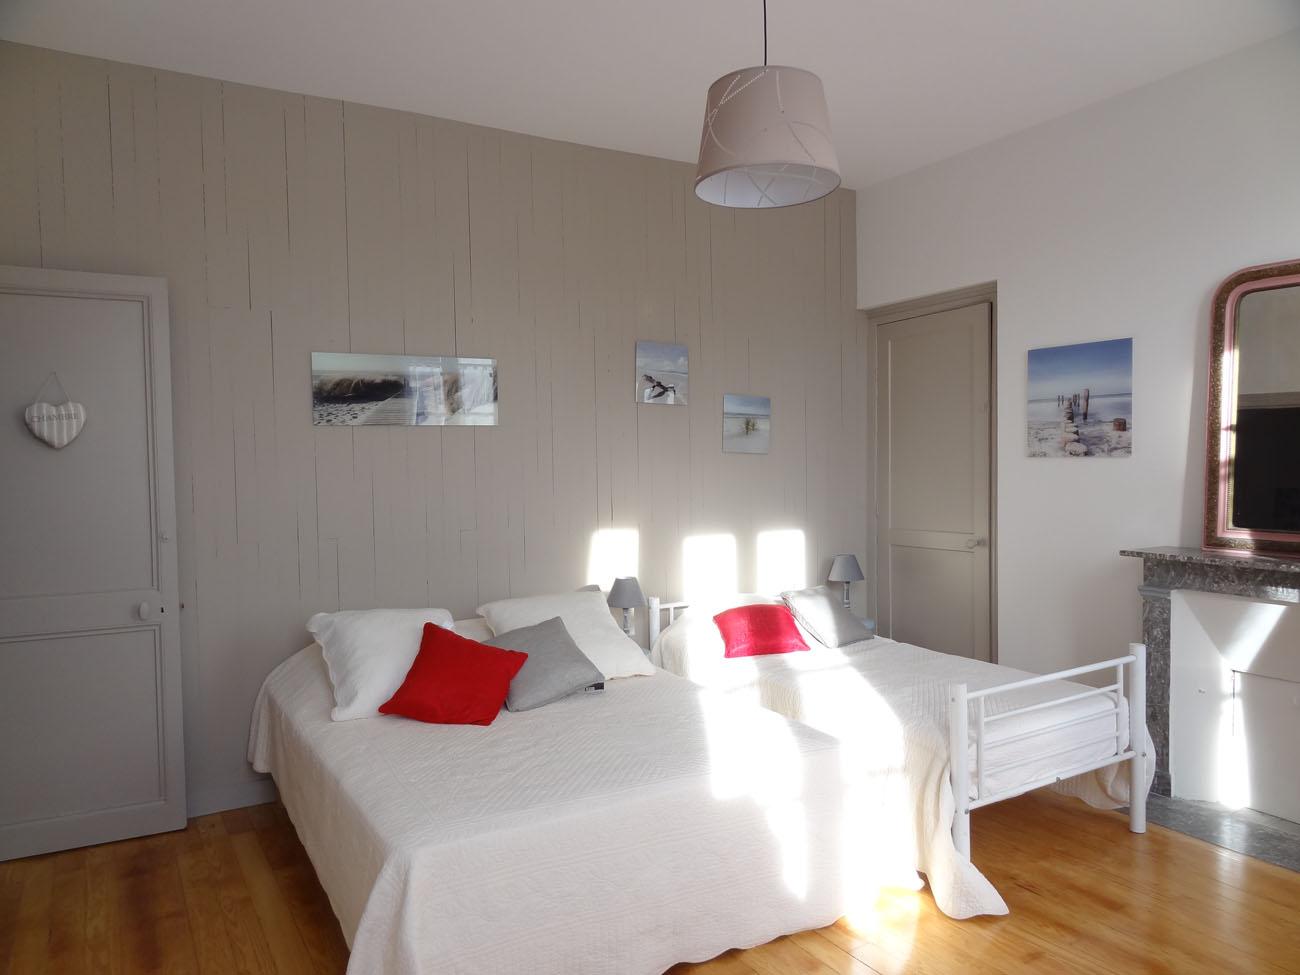 Location Maison Ile de Ré - Santoline - Chambre 2